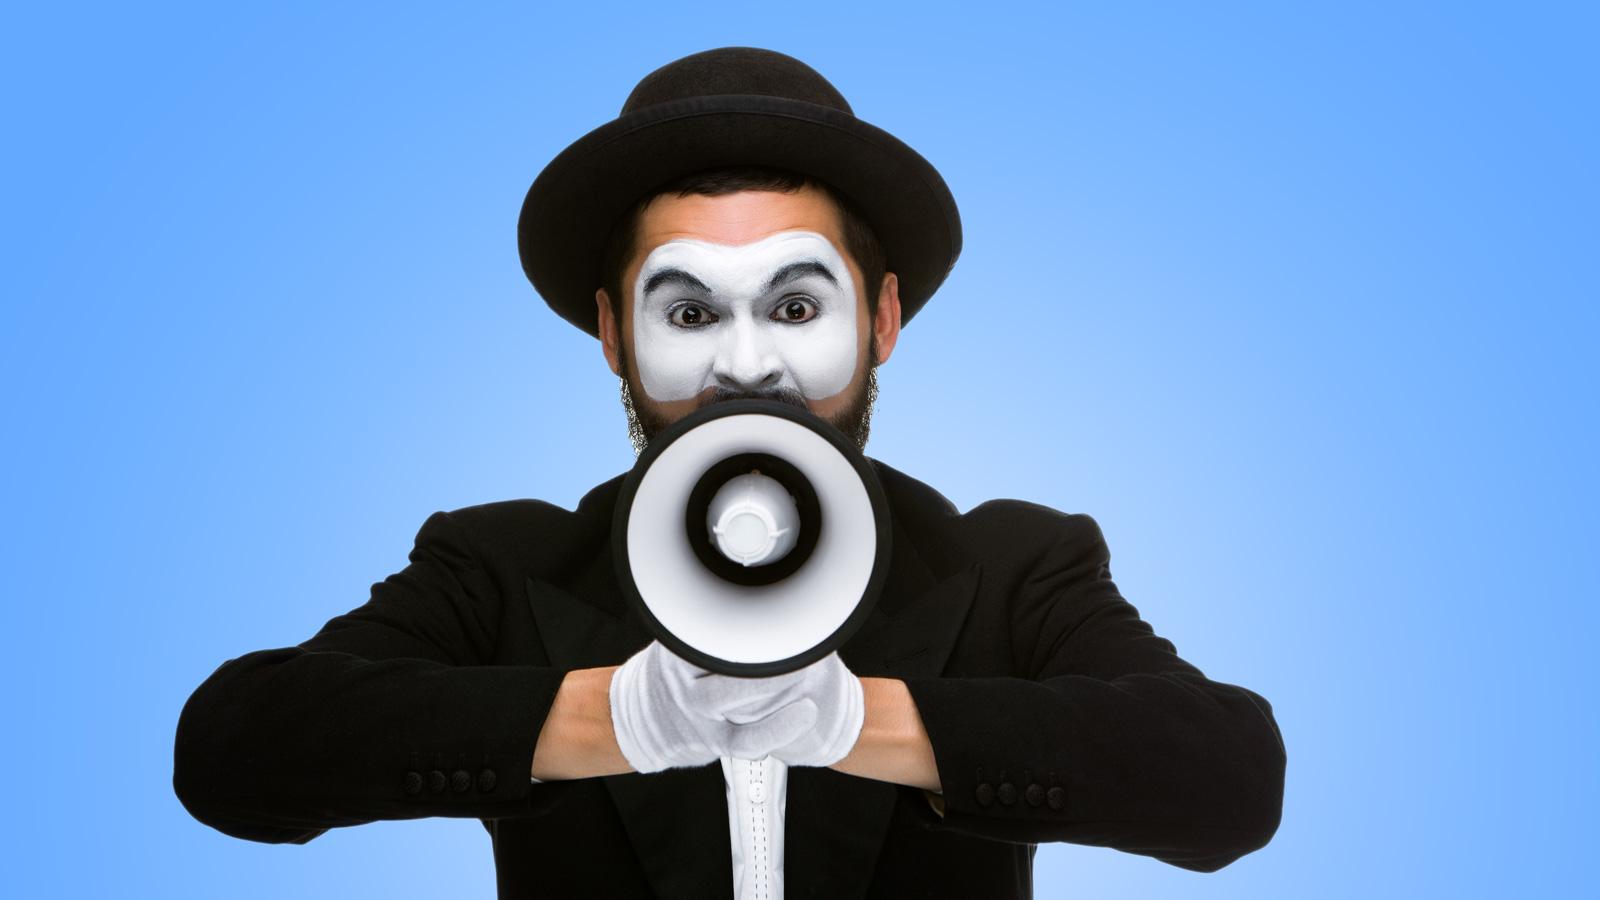 Jak prowadzić działania komunikacyjne w czasie pandemii? komunikacja mediarun klaun mezczyzna z megafonem komunikacja 2020